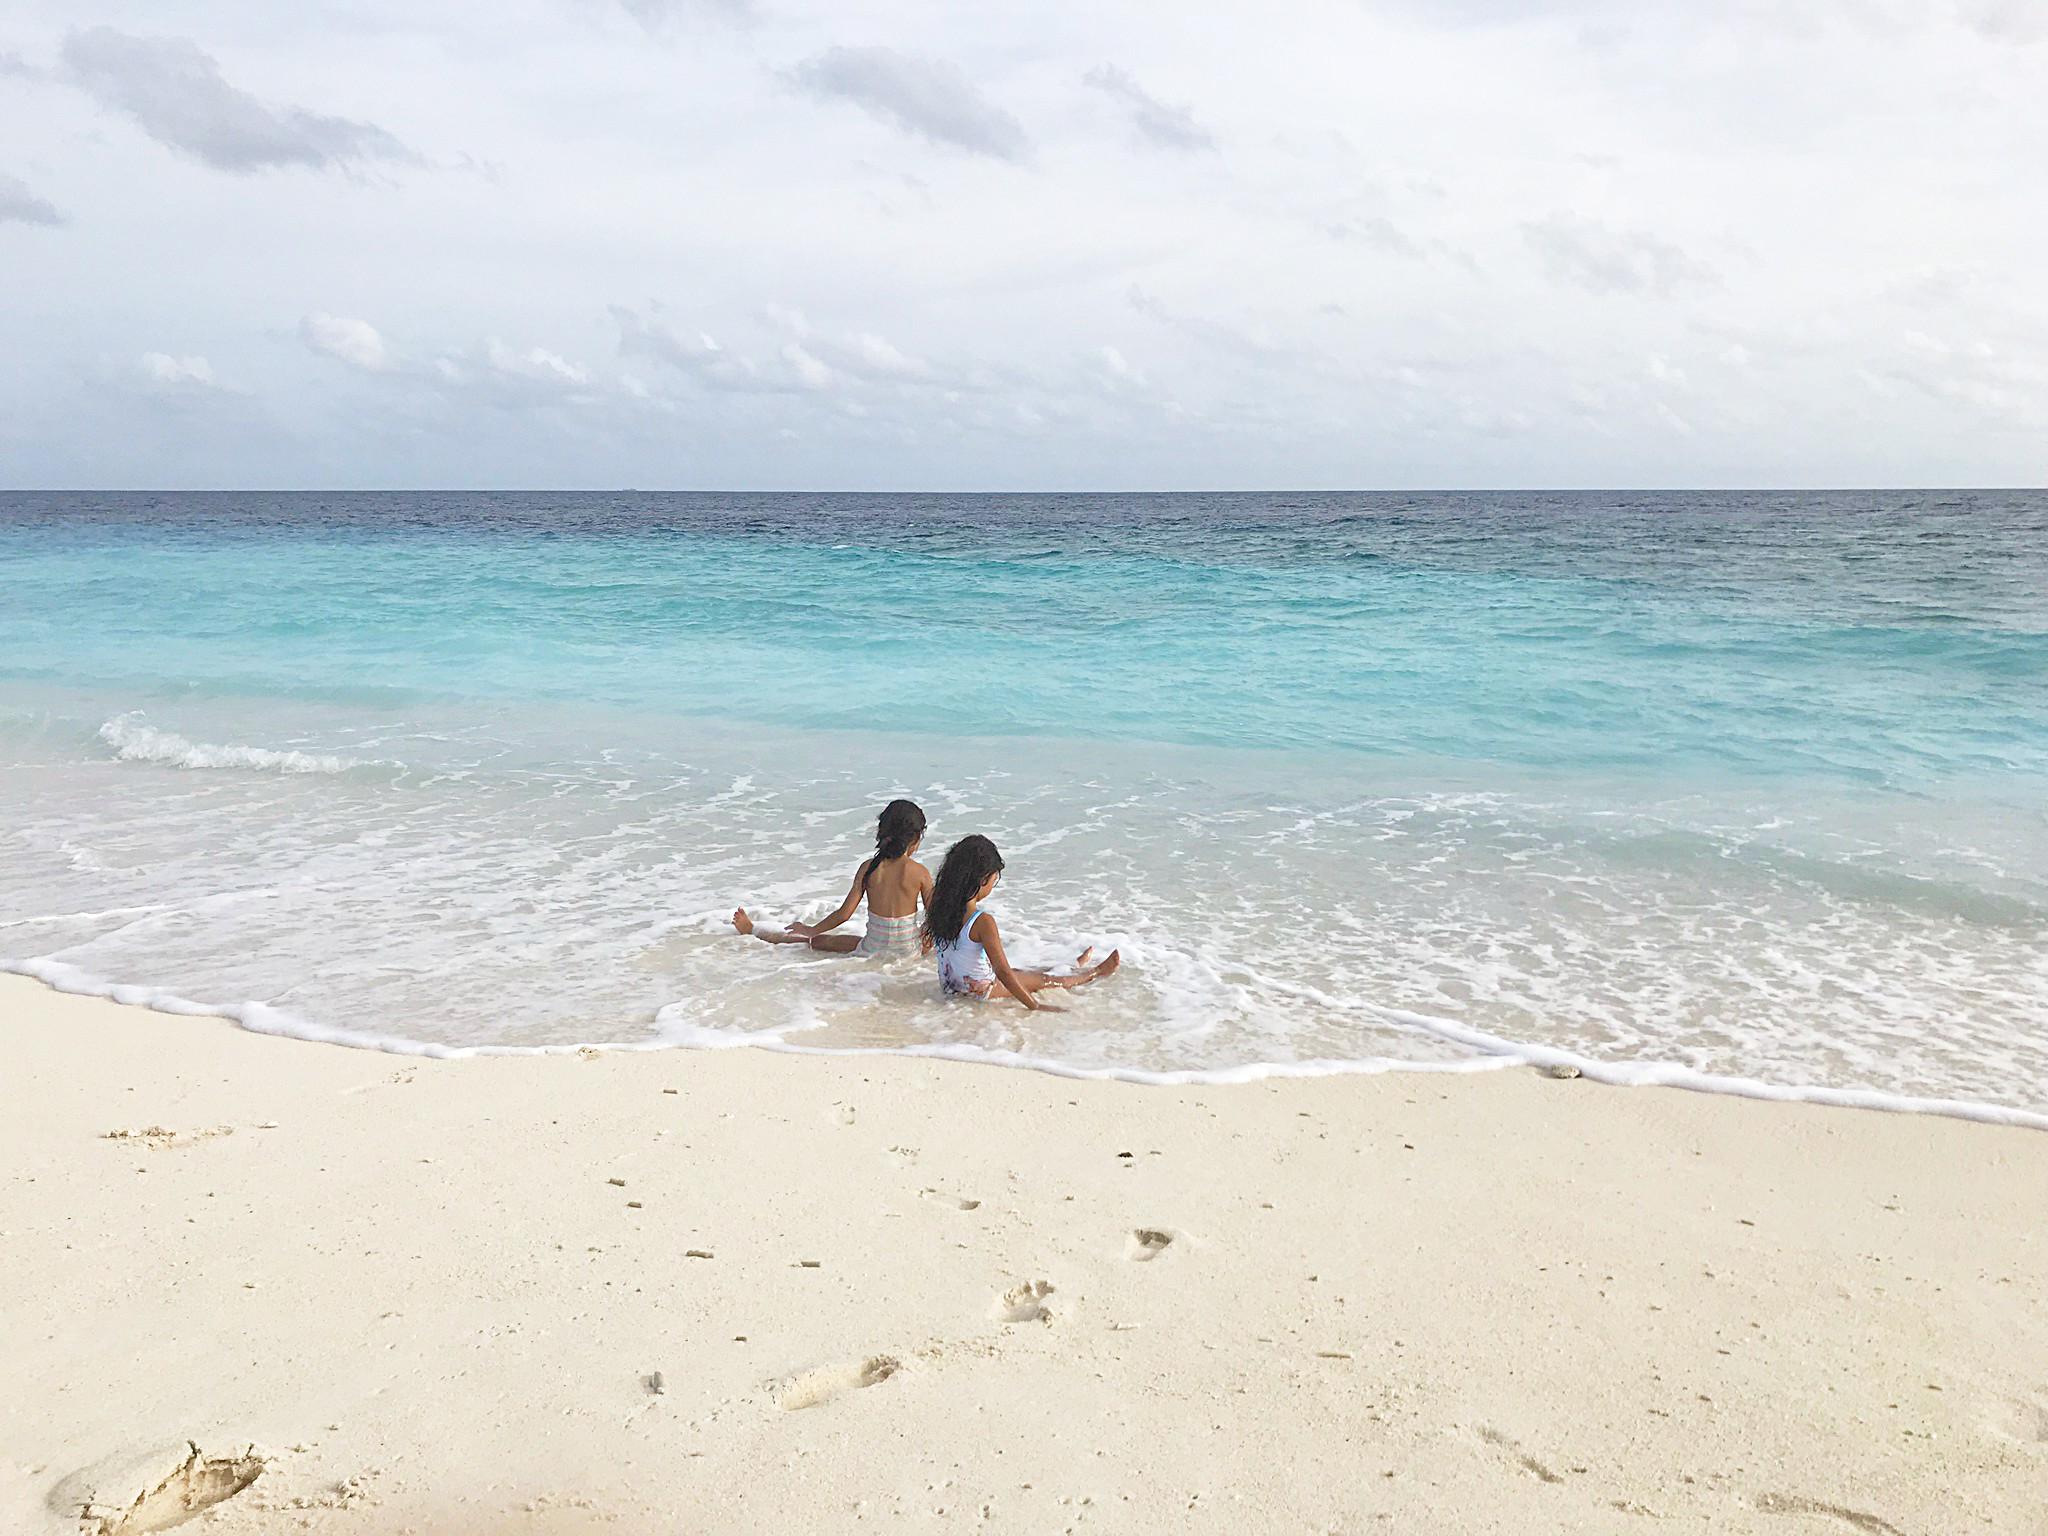 Malediven mit Kindern auf einer Einheimischeninsel - riesen Sandkasten + Meer = glückliche Kids!